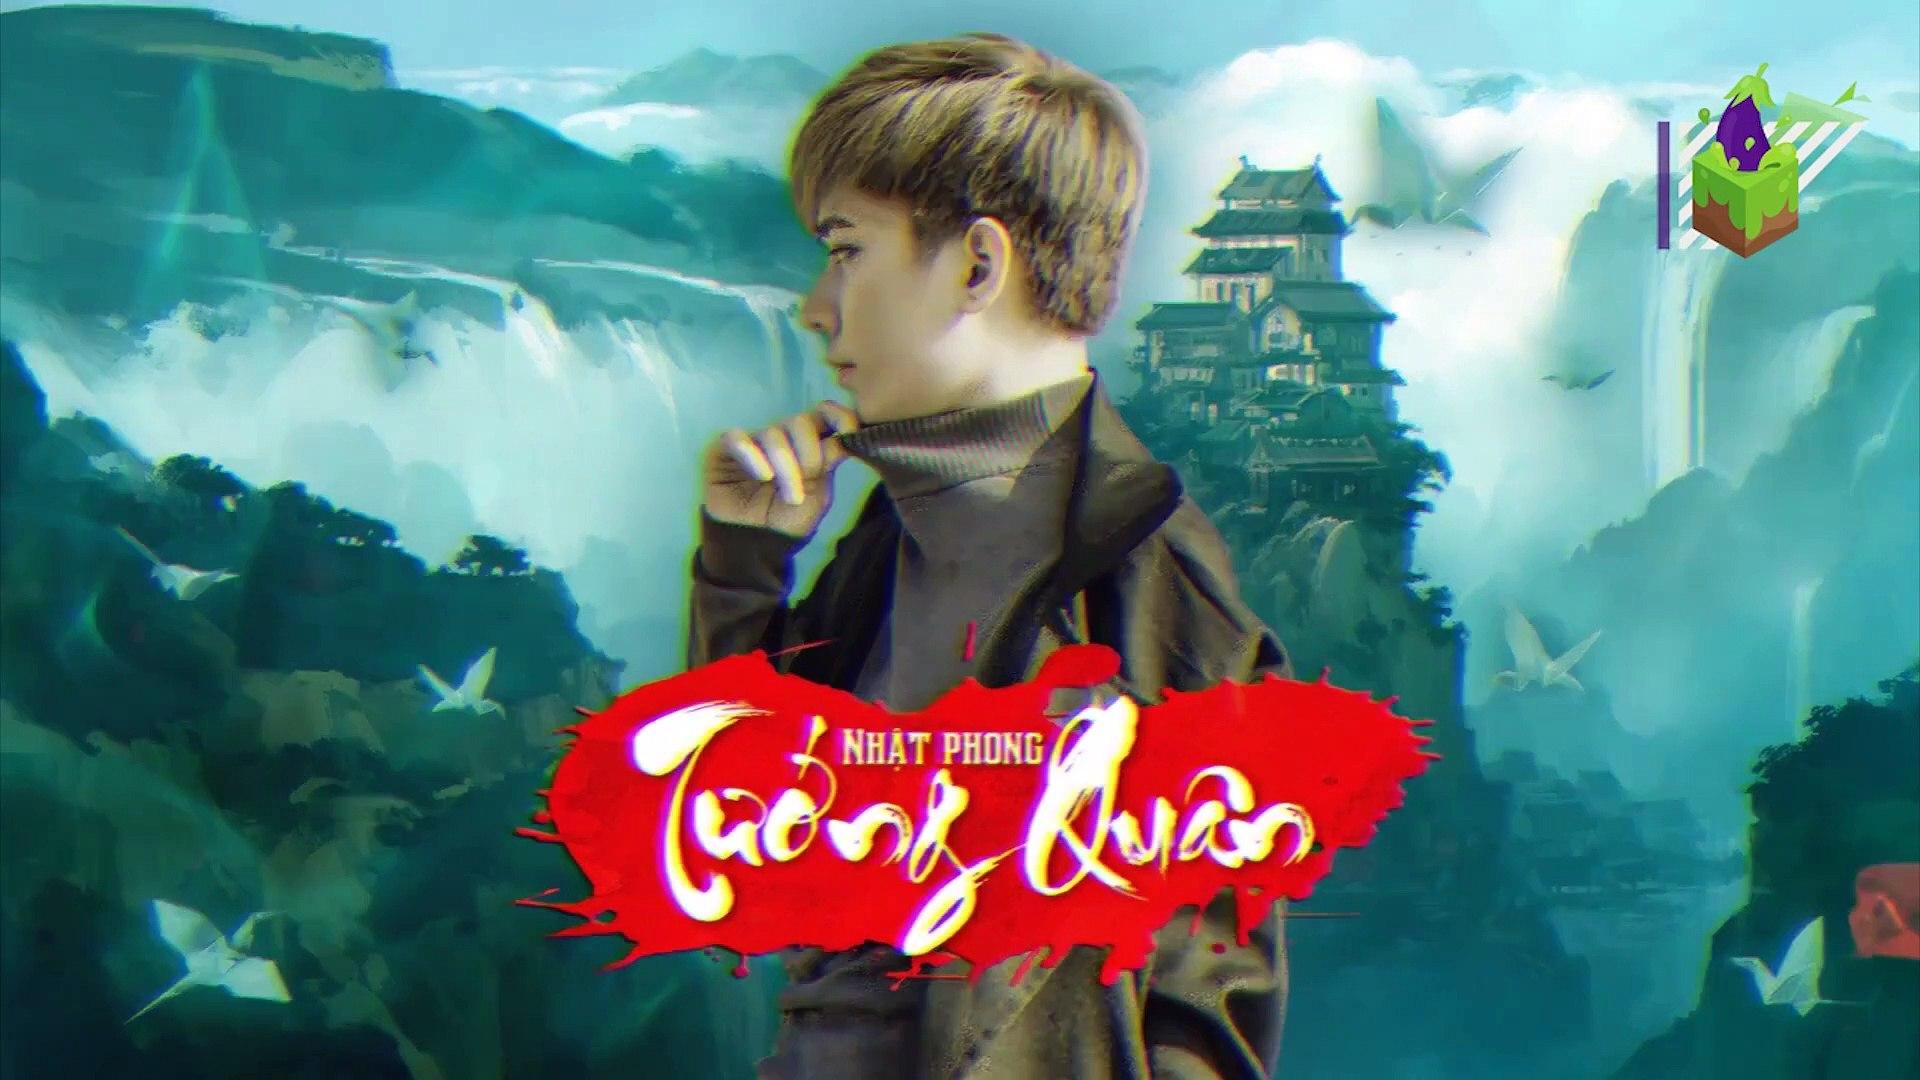 [Karaoke] Tướng Quân - Nhật Phong [Beat Gốc Bè]